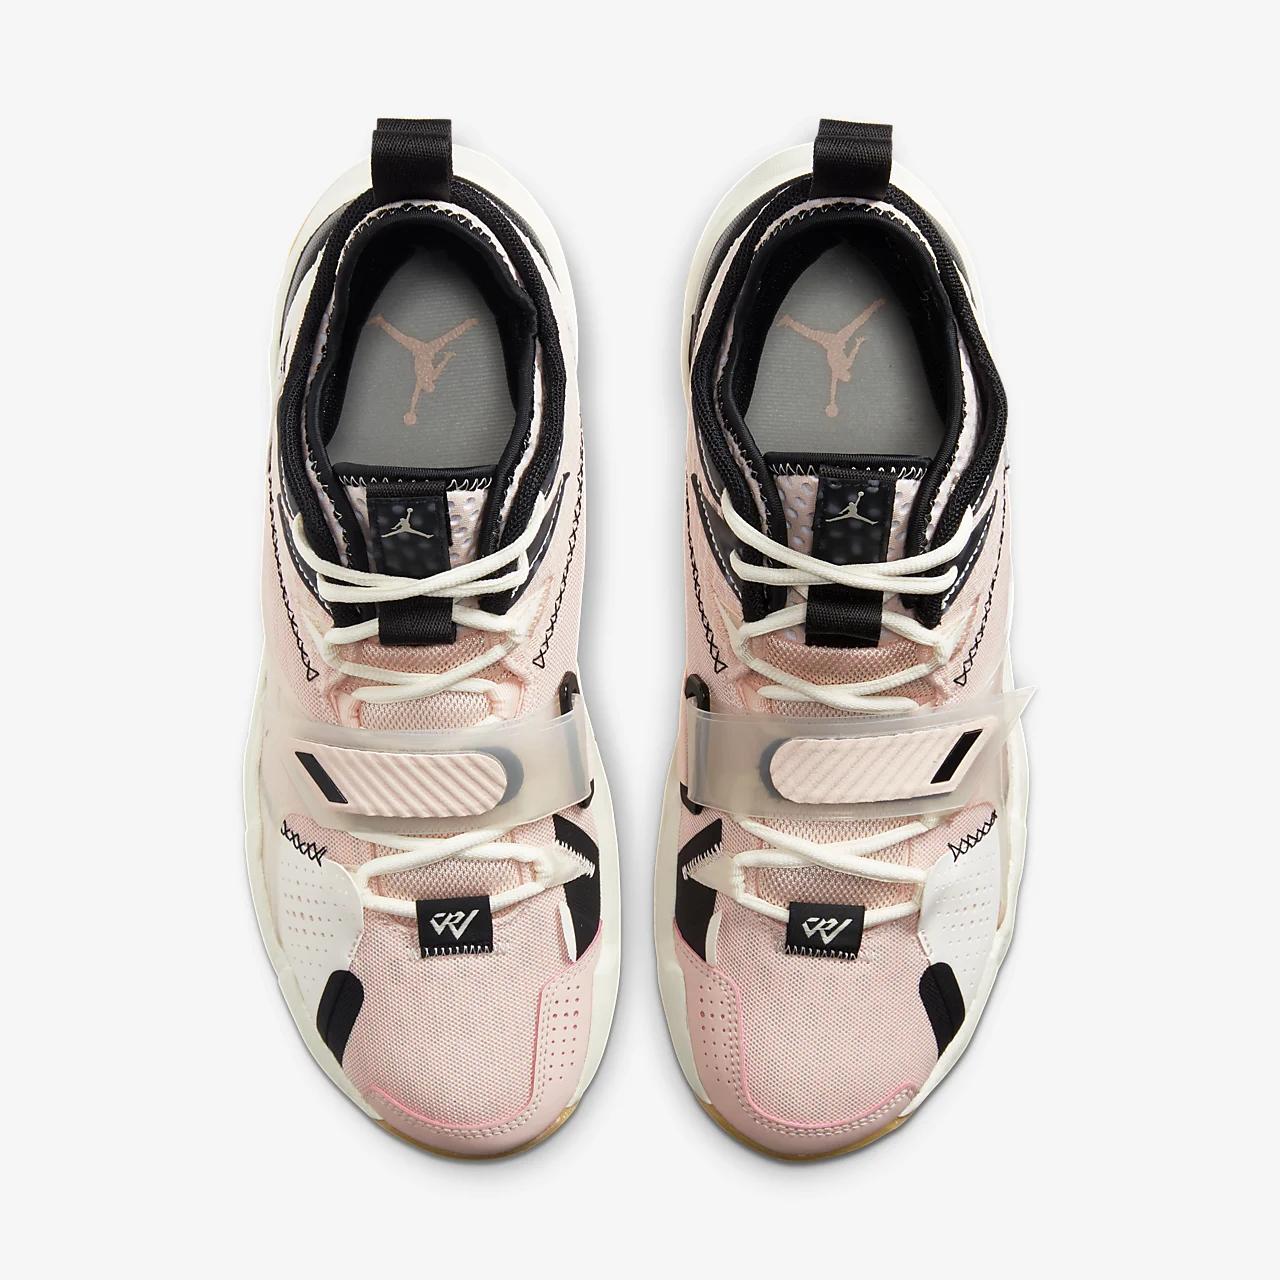 유럽직배송 나이키 NIKE Jordan Why Not? Zer0.3 Basketball Shoe CD3003-600